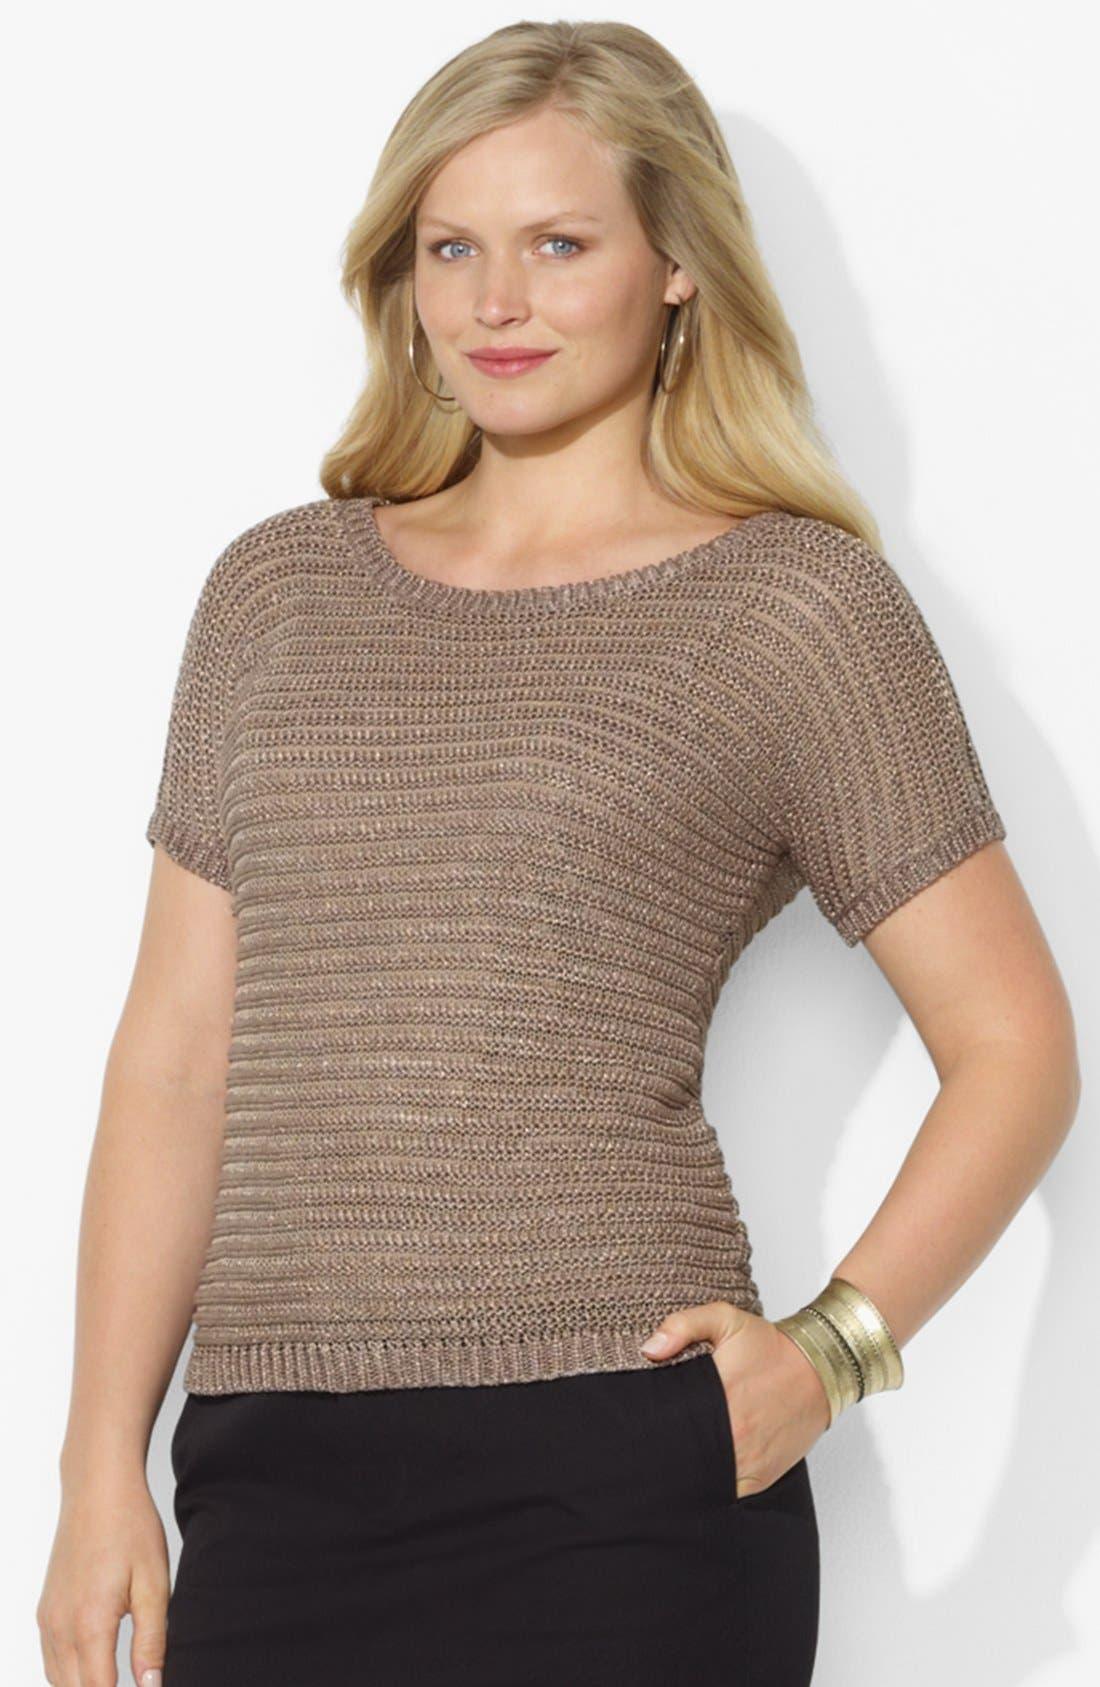 Alternate Image 1 Selected - Lauren Ralph Lauren Metallic Sweater (Plus Size)